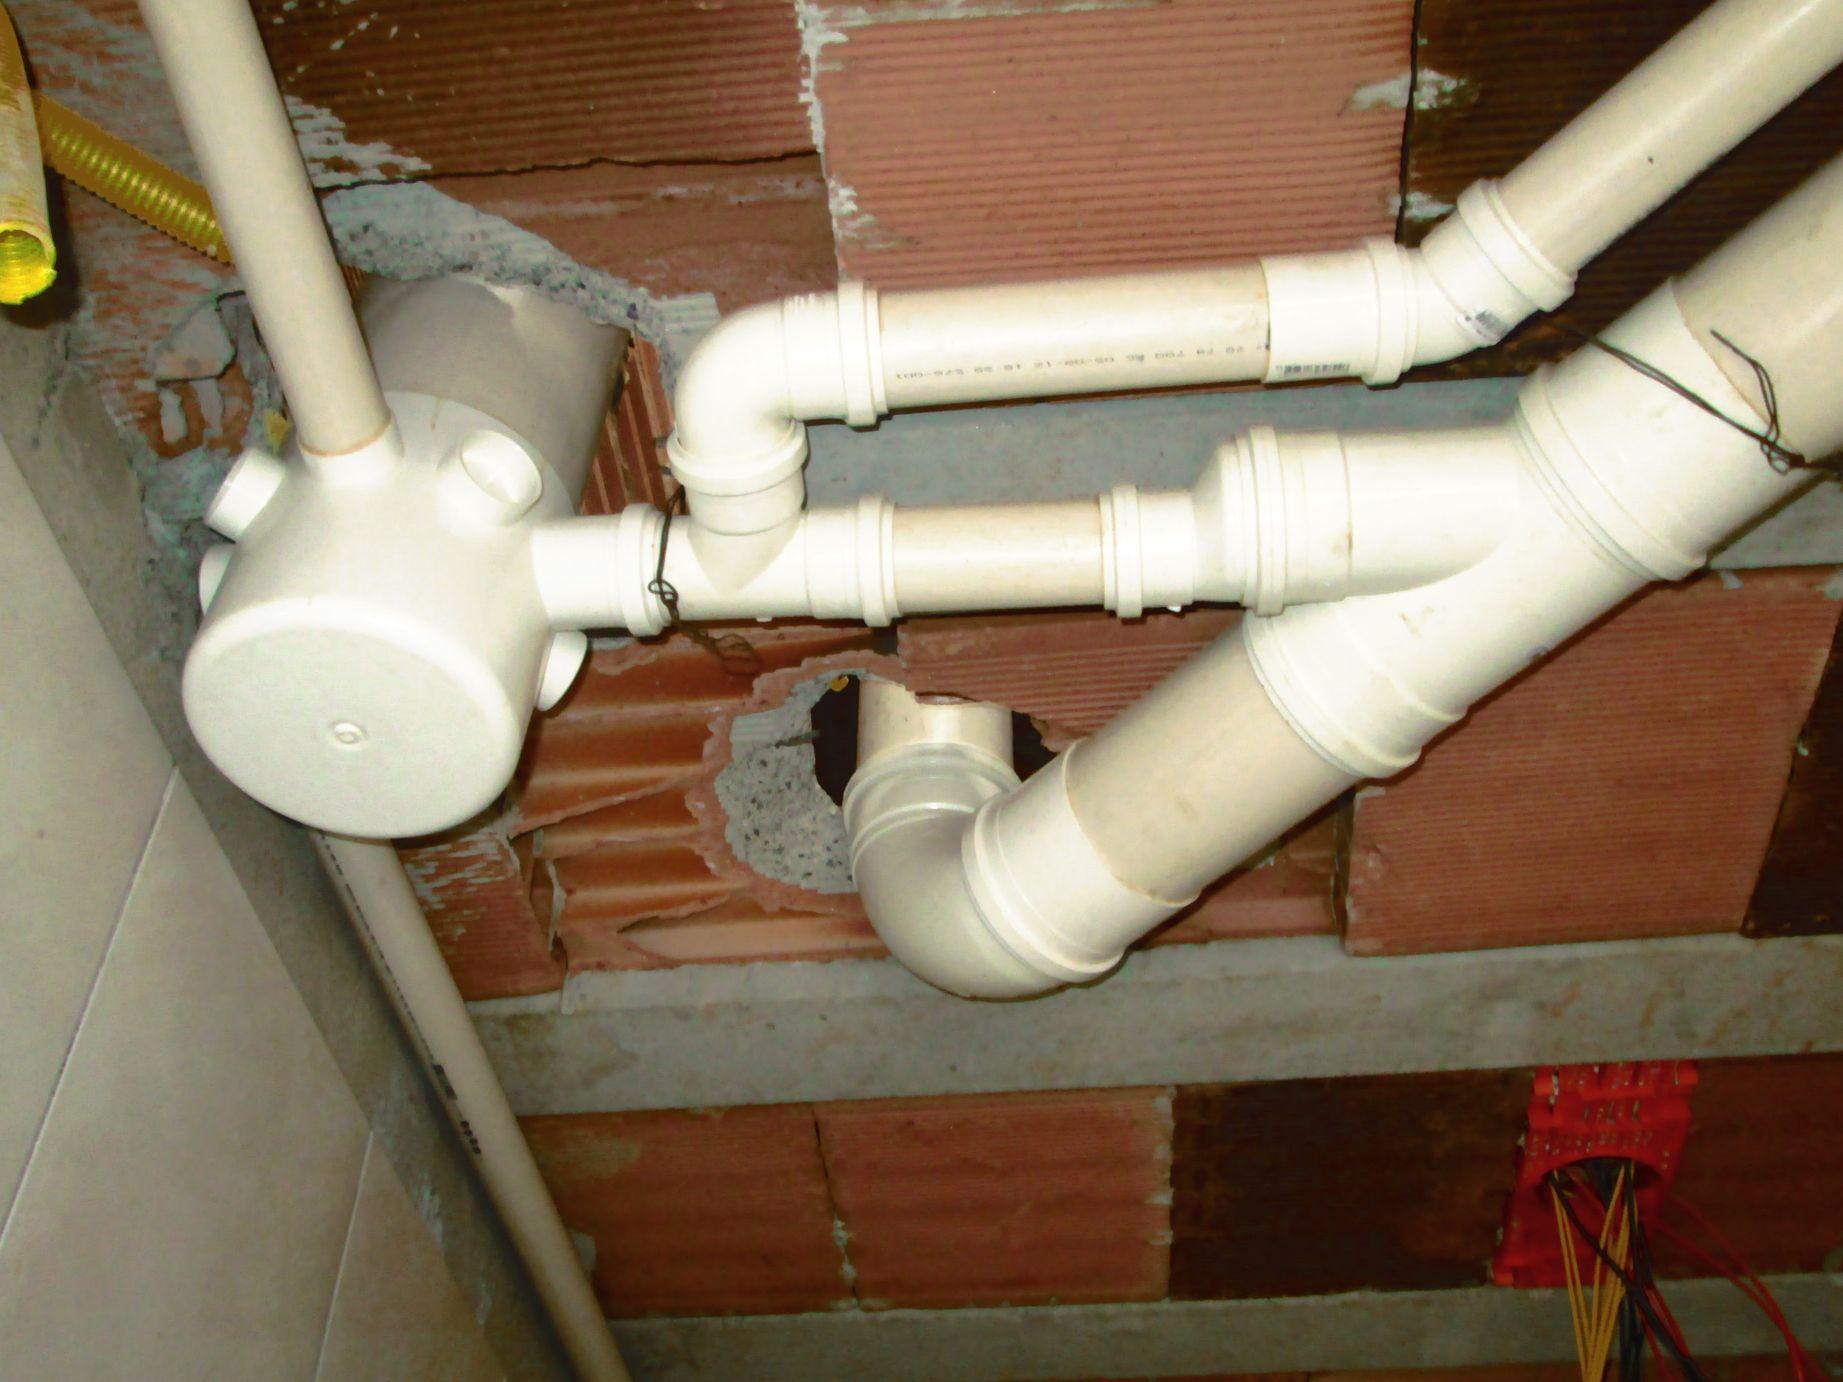 tubo de queda, esgoto com ventilação